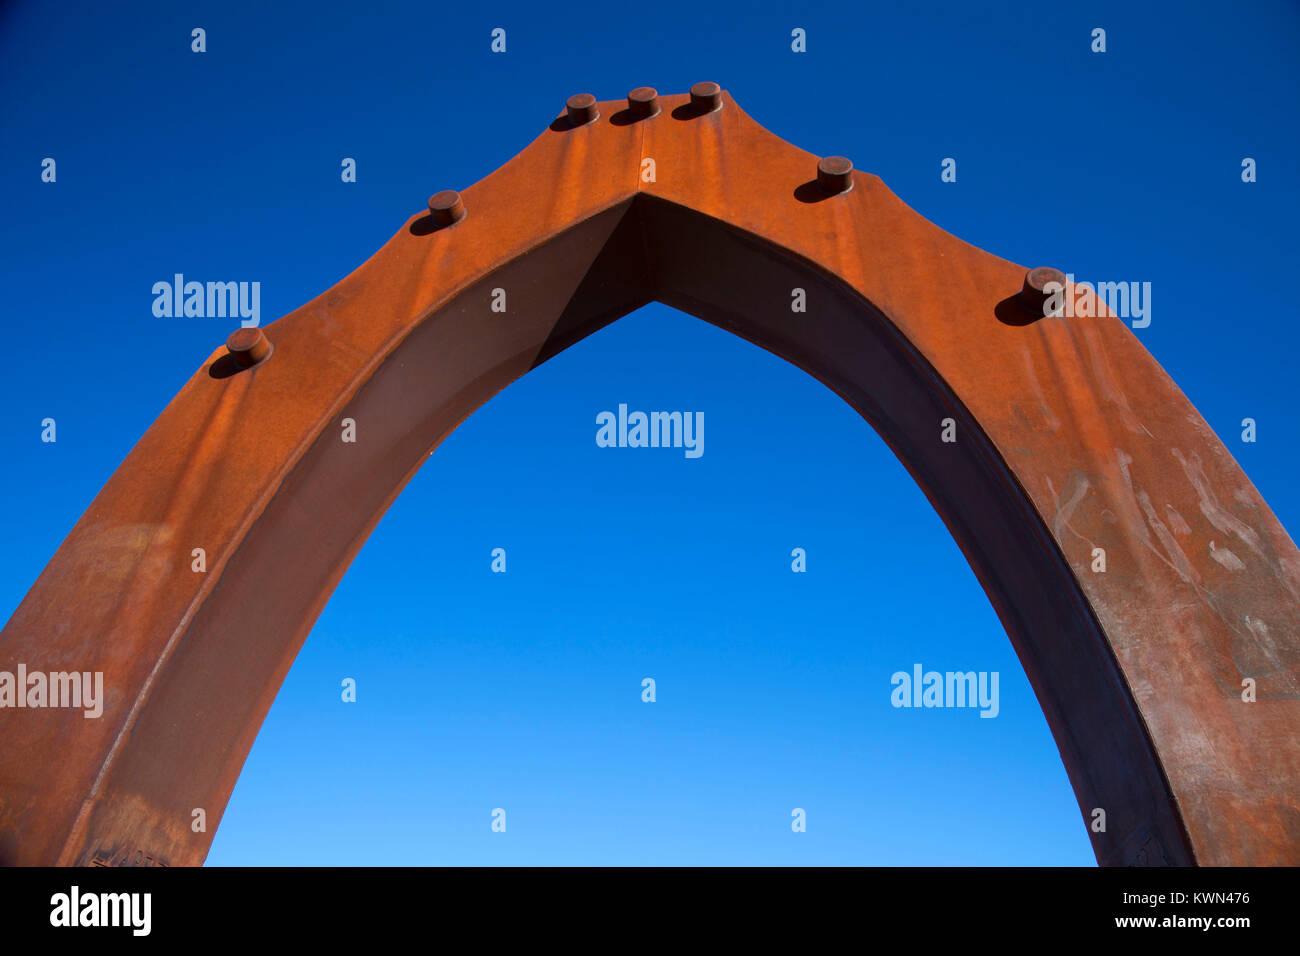 Puerta de tierra stock photos puerta de tierra stock for Parking puerta del sol